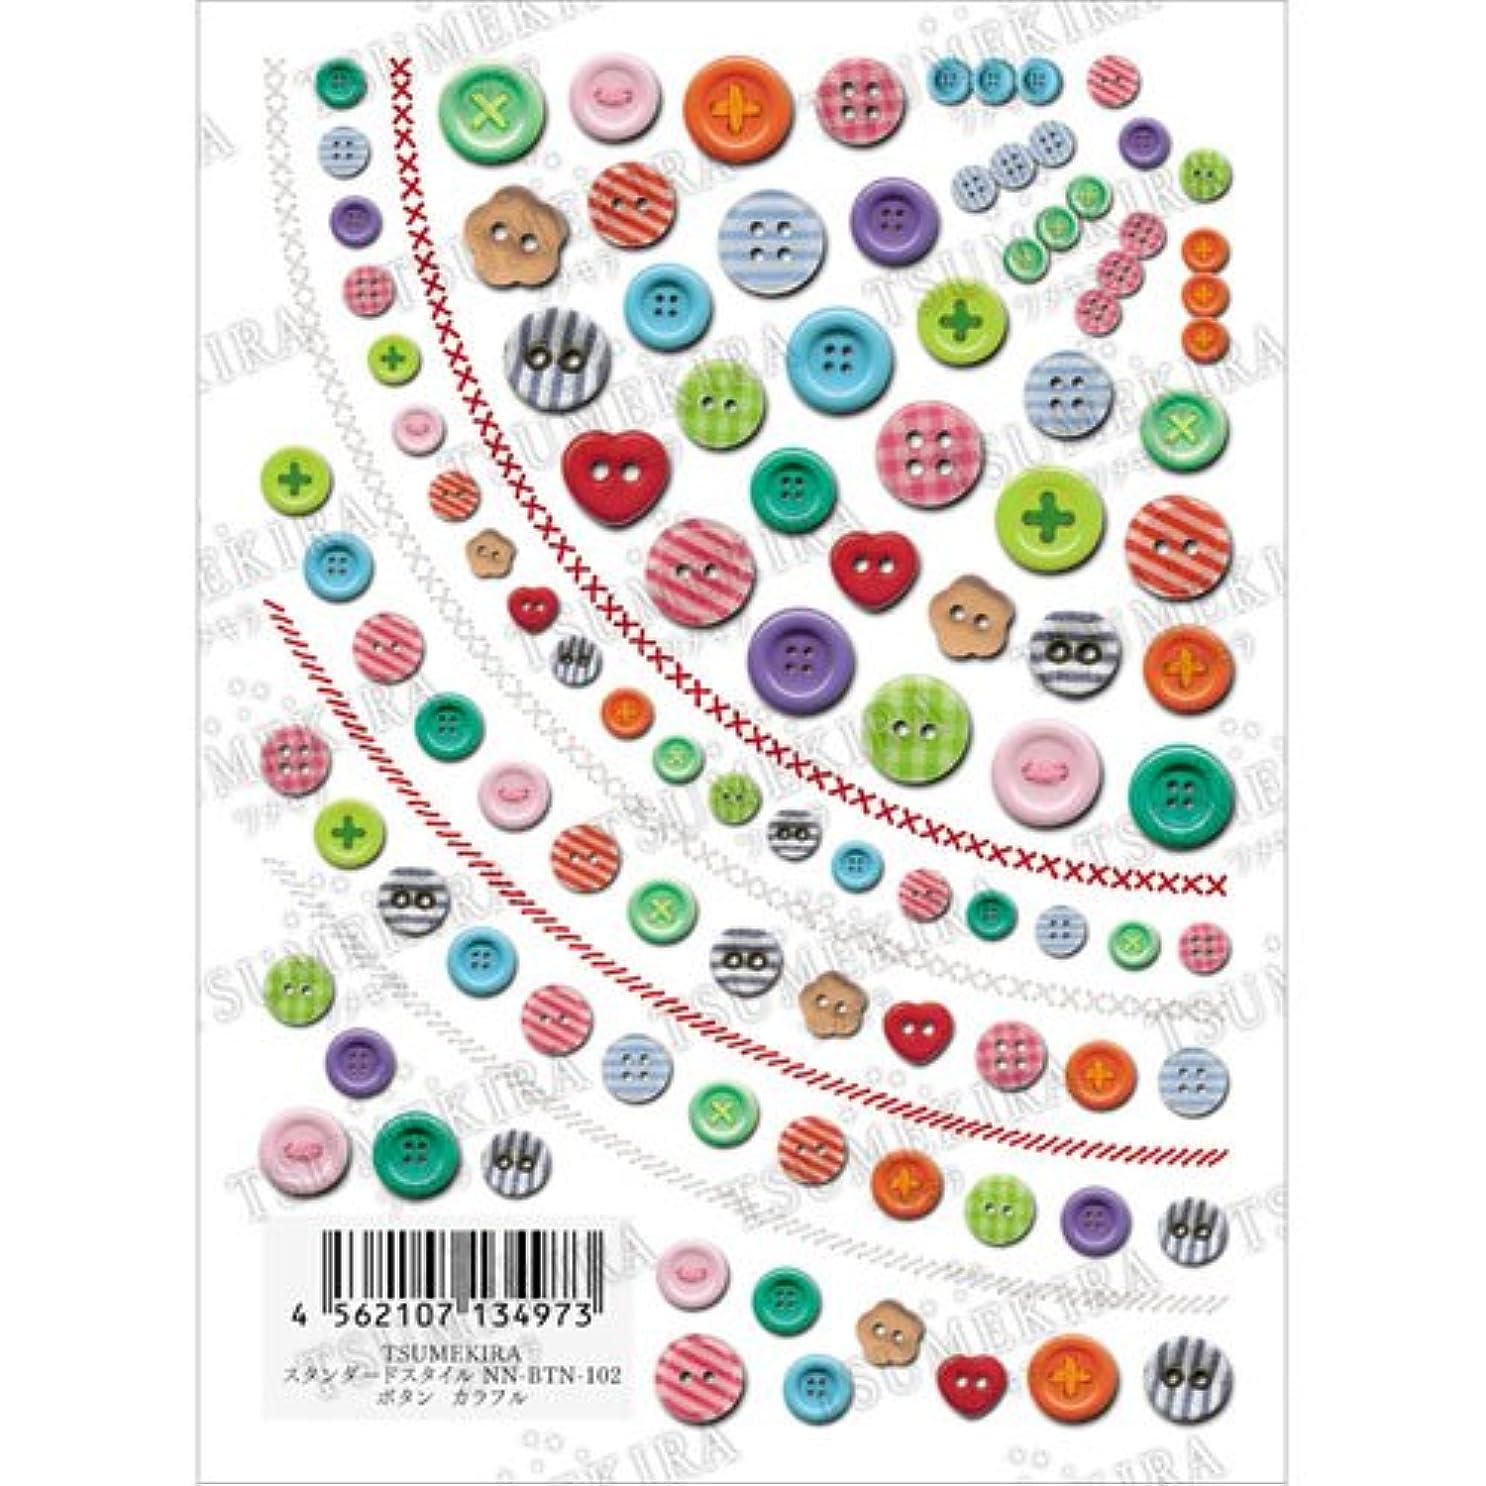 保険ベジタリアンハイランドツメキラ ネイル用シール スタンダードスタイル ボタン カラフル